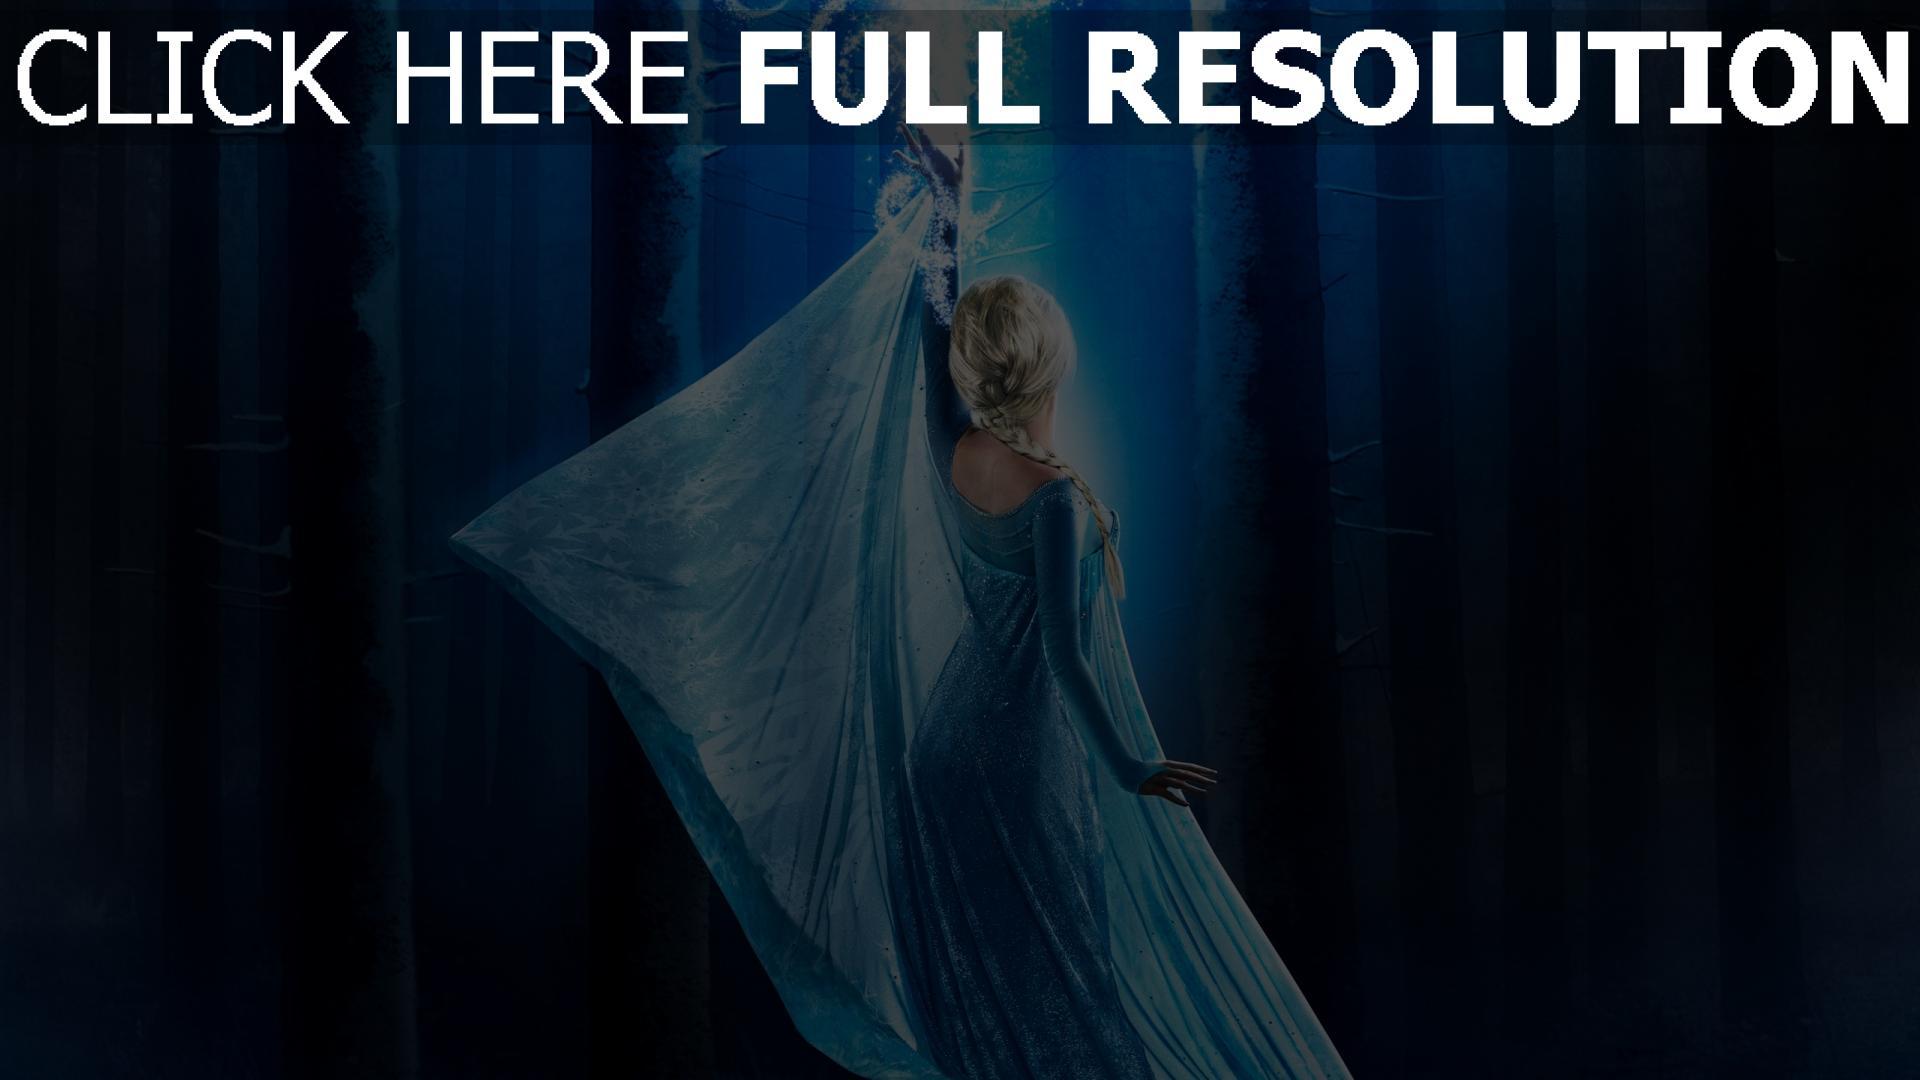 Télécharger 1920x1080 Full HD Fond d'écran la reine des neiges forêt elsa bras magie, Images et ...